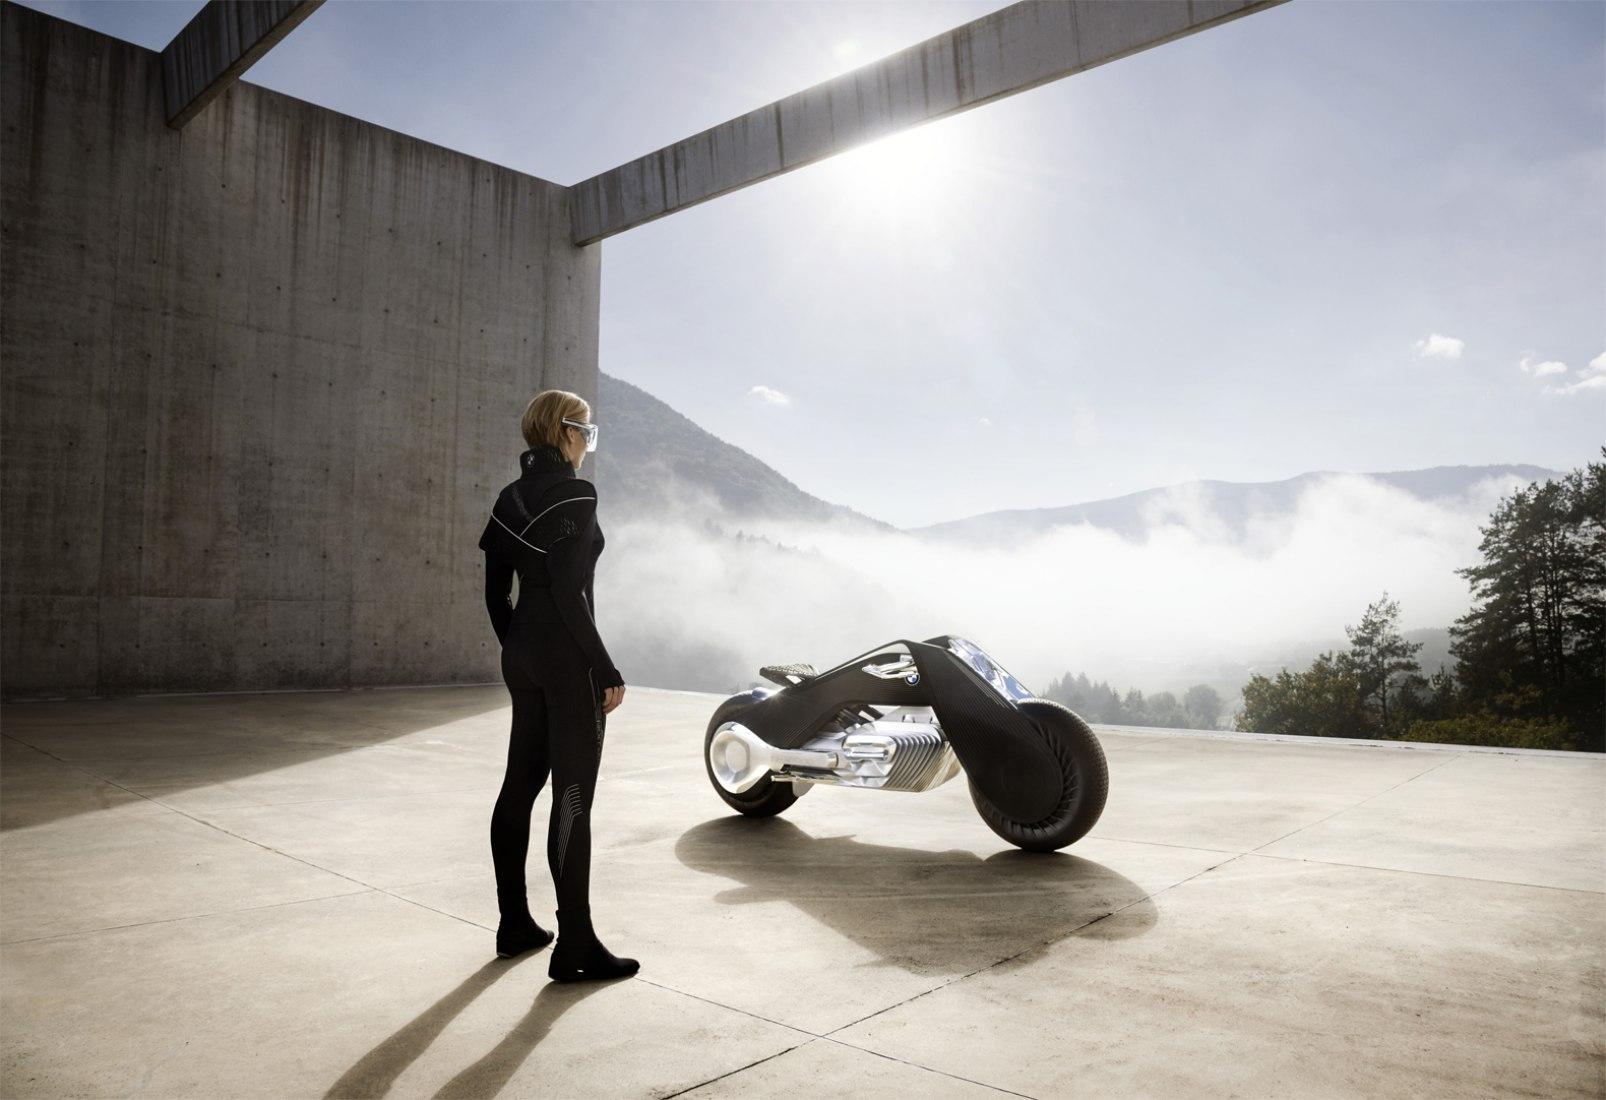 BMW Motorrad VISION NEXT 100. Fotografía © The BMW Group.